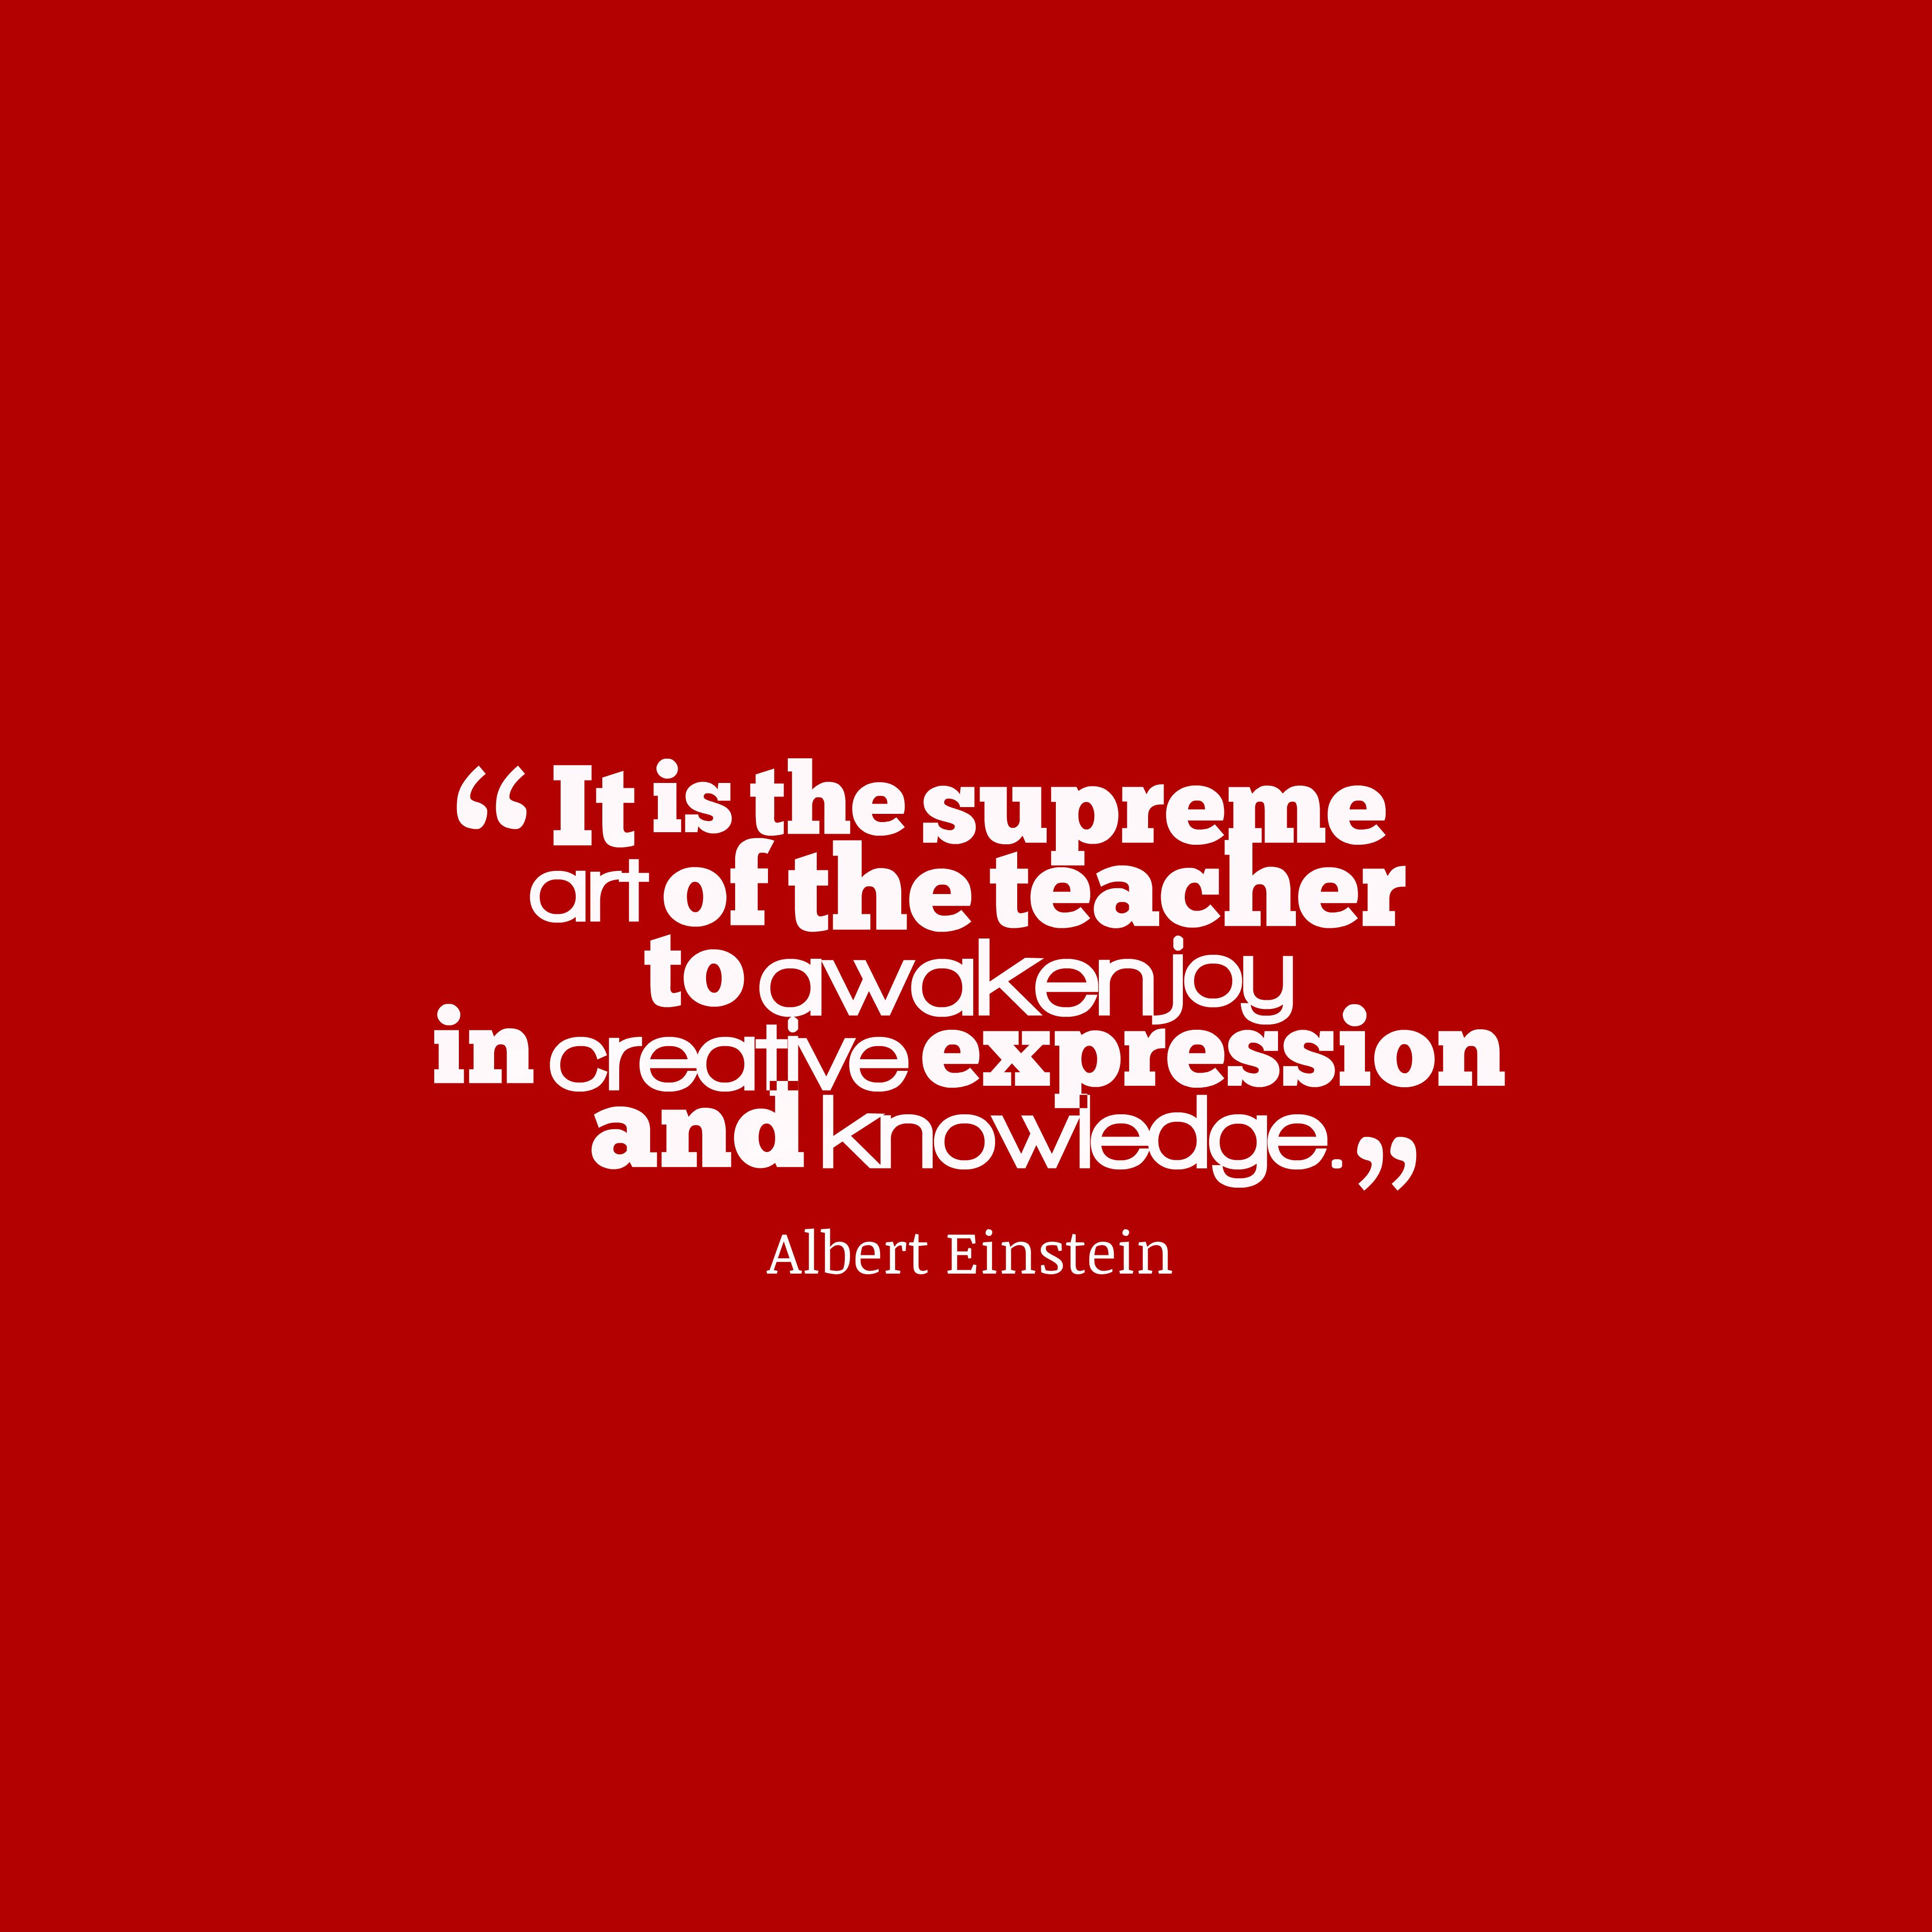 Albert Einstein quote about creativity